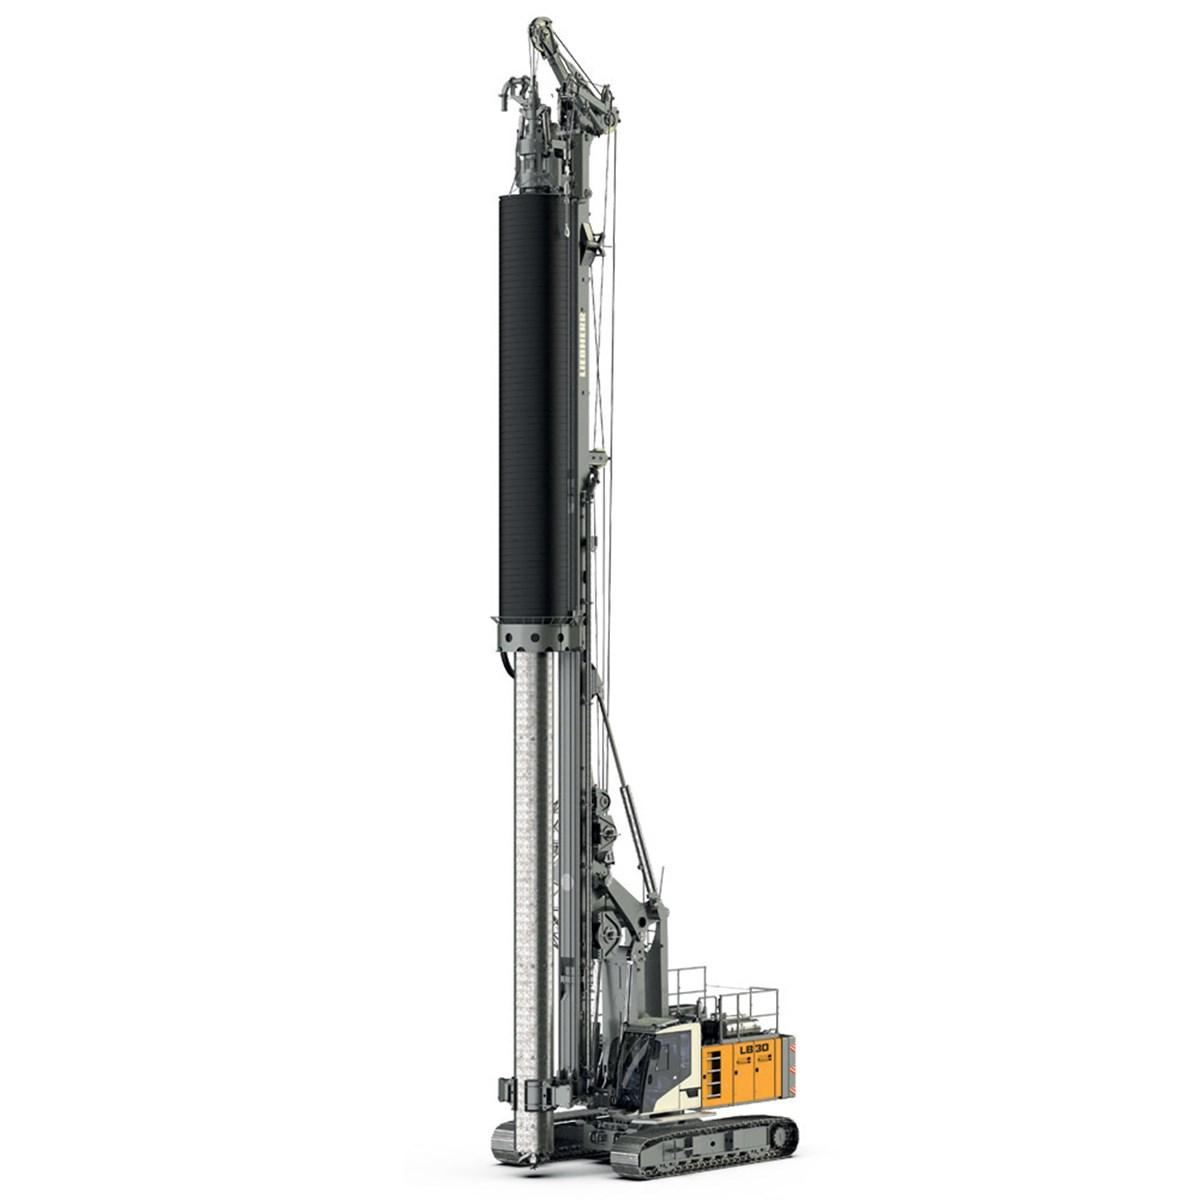 liebherr-lb-30-drilling-rig-drehbohrgerat-vdw-doppelkopfbohren-double-rotary-1.jpg